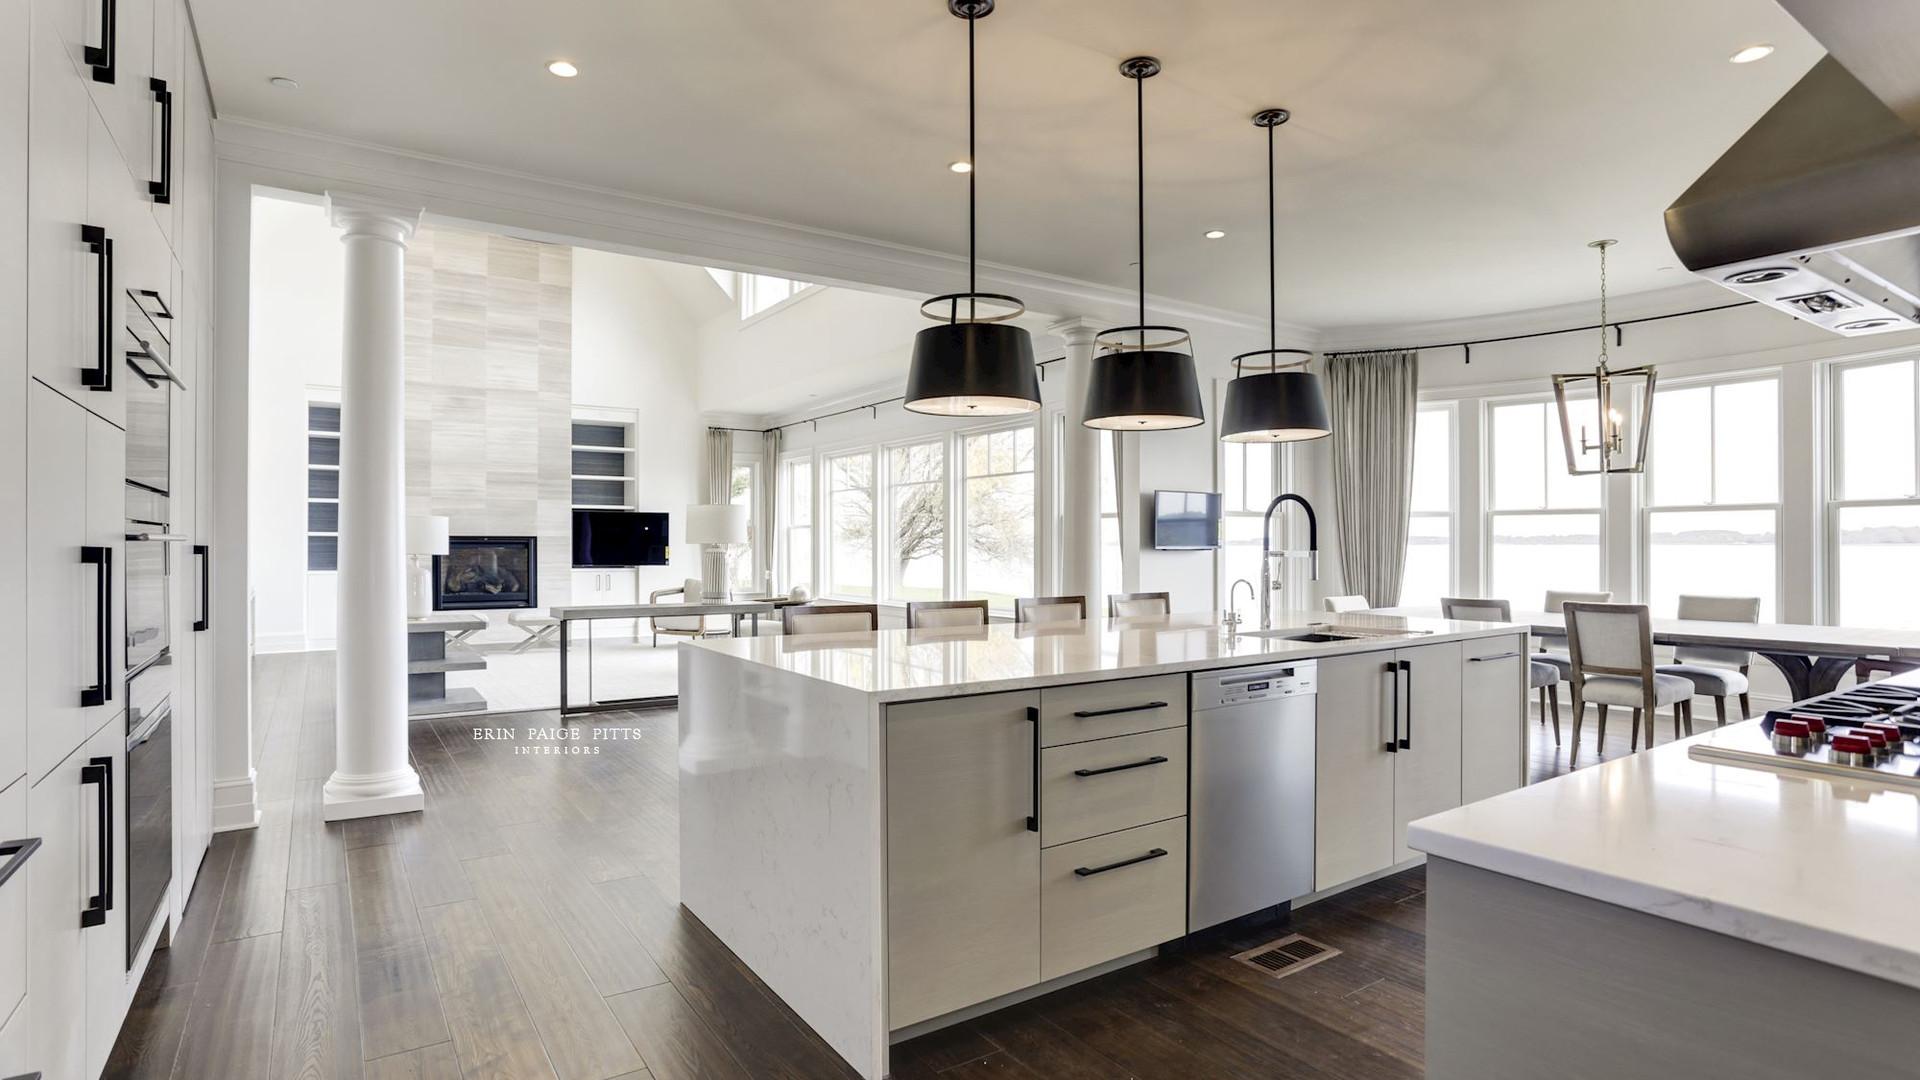 Interior Design by Erin Paige Pitt